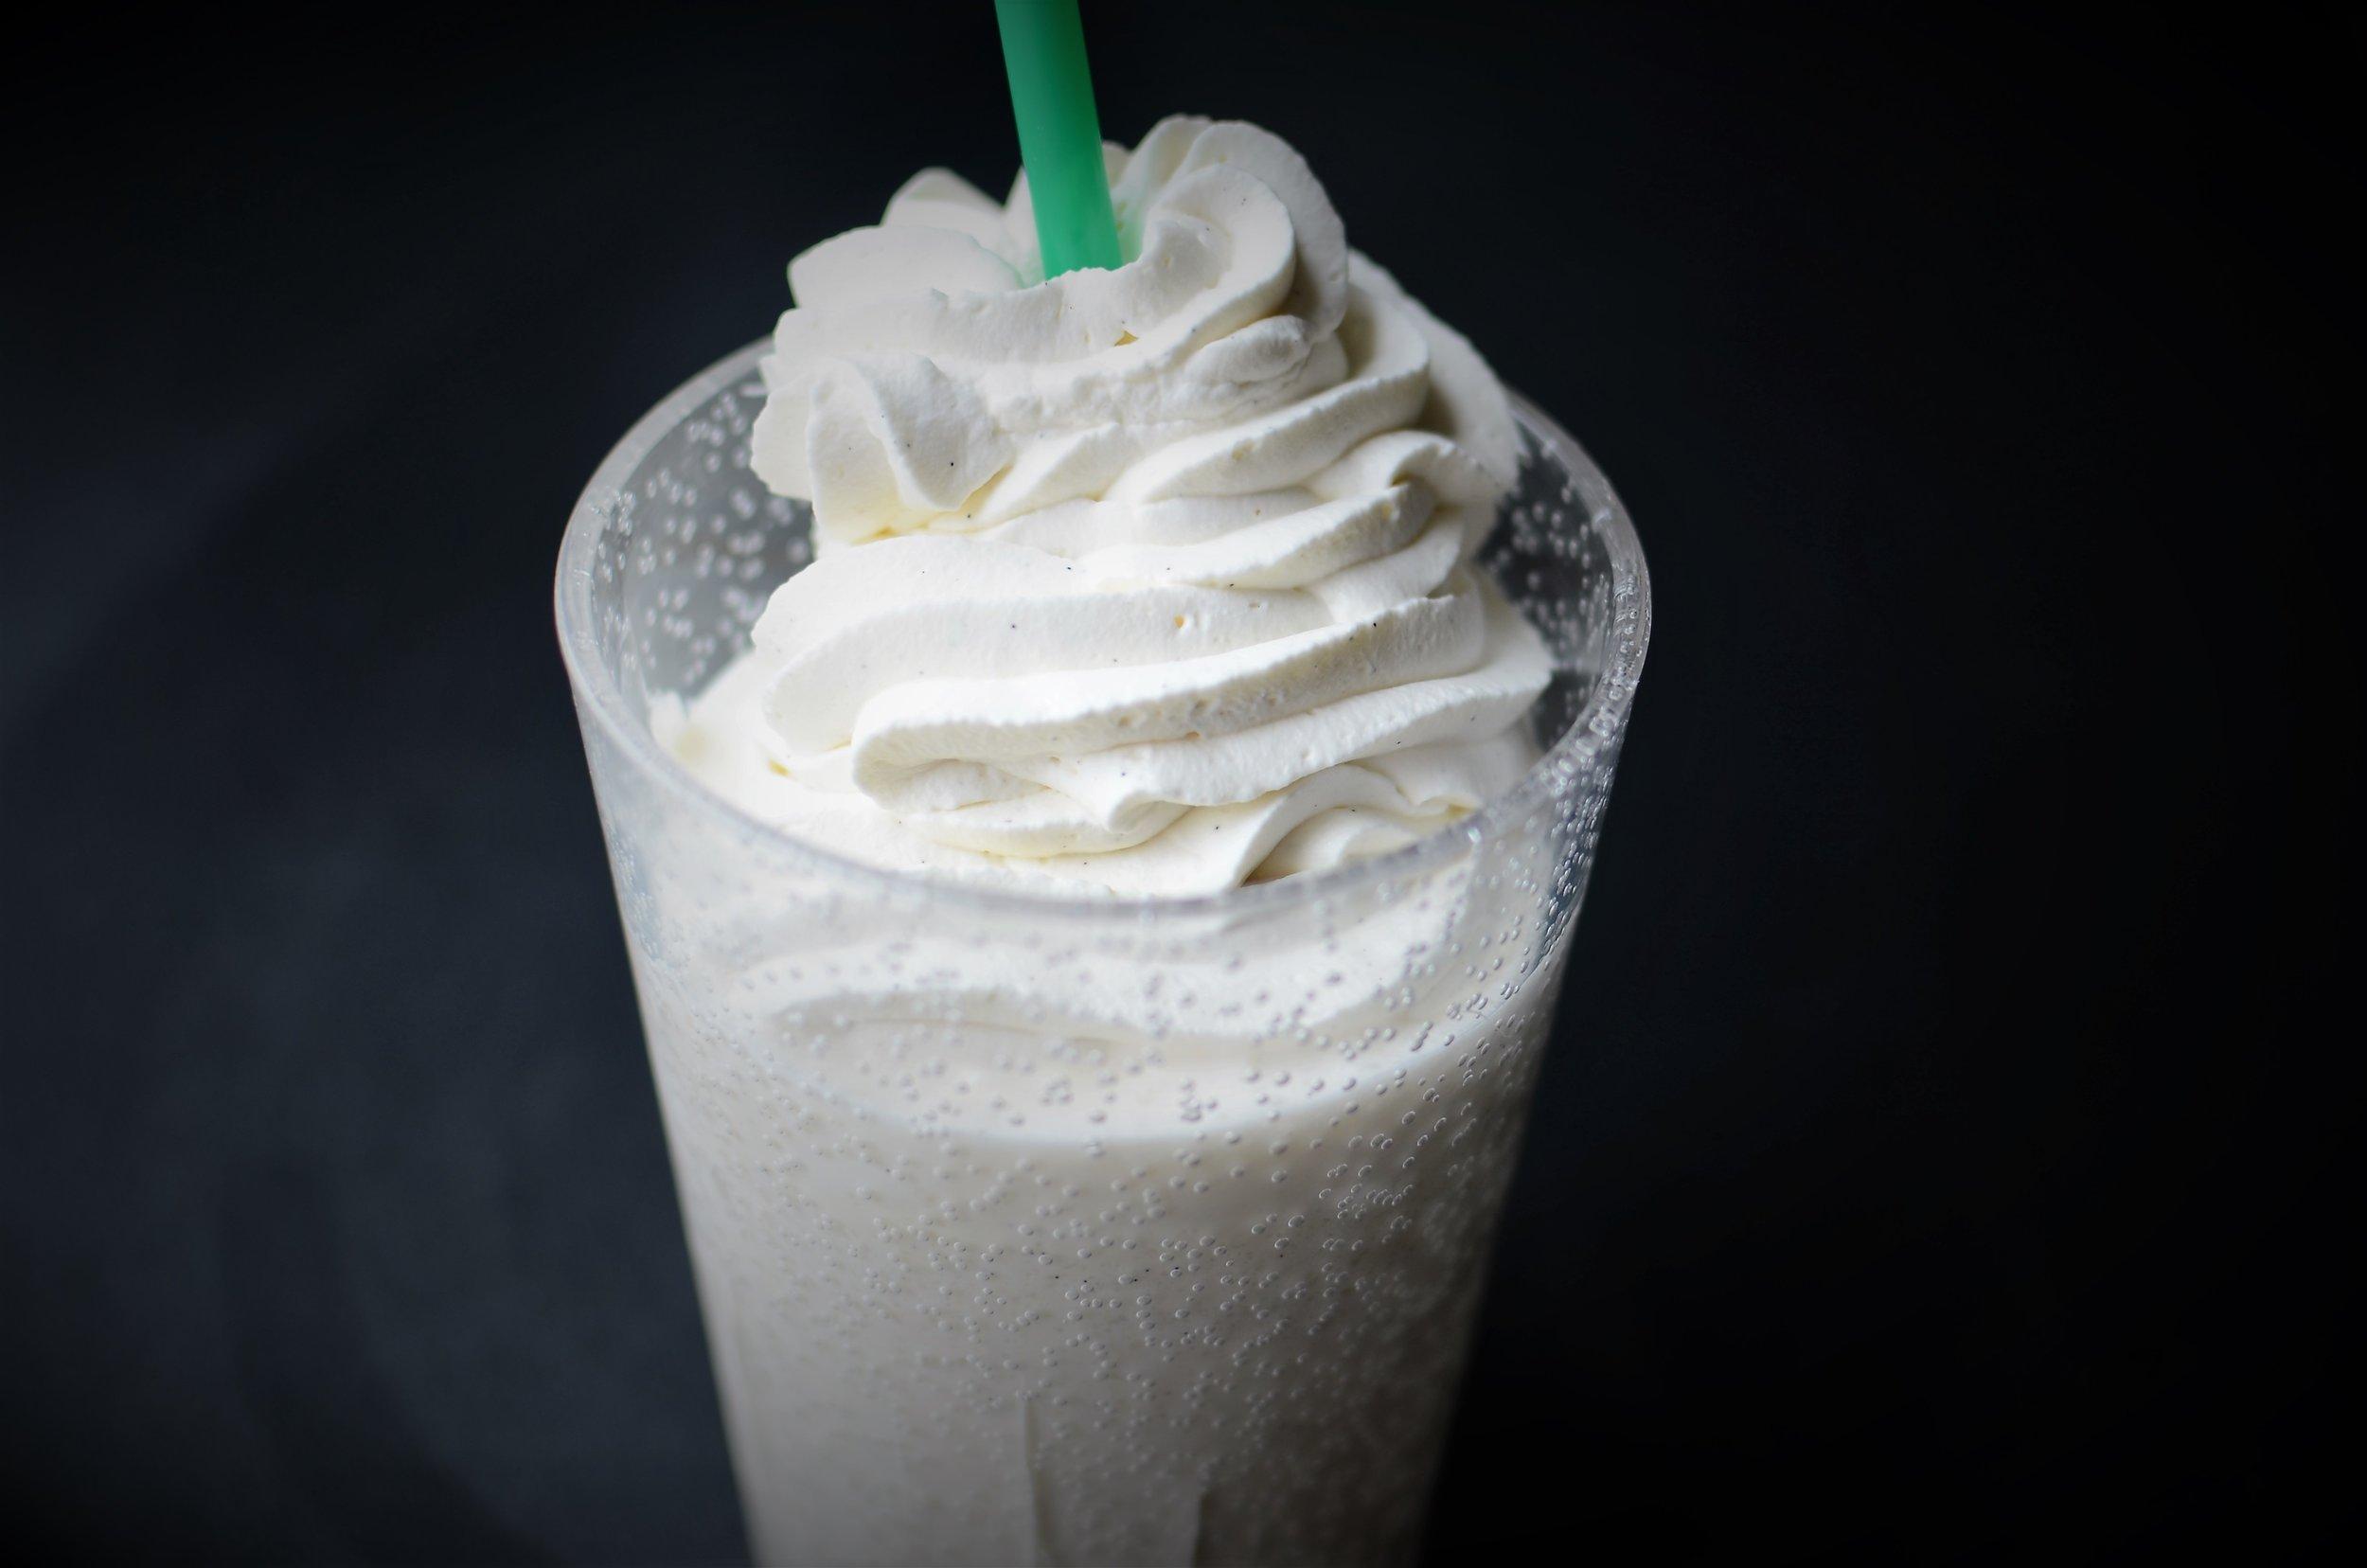 How to make Starbuck's Vanilla Bean Cream Frappuccino Recipe, How to make Starbuck's Vanilla Bean Creme Frappuccino Recipe.